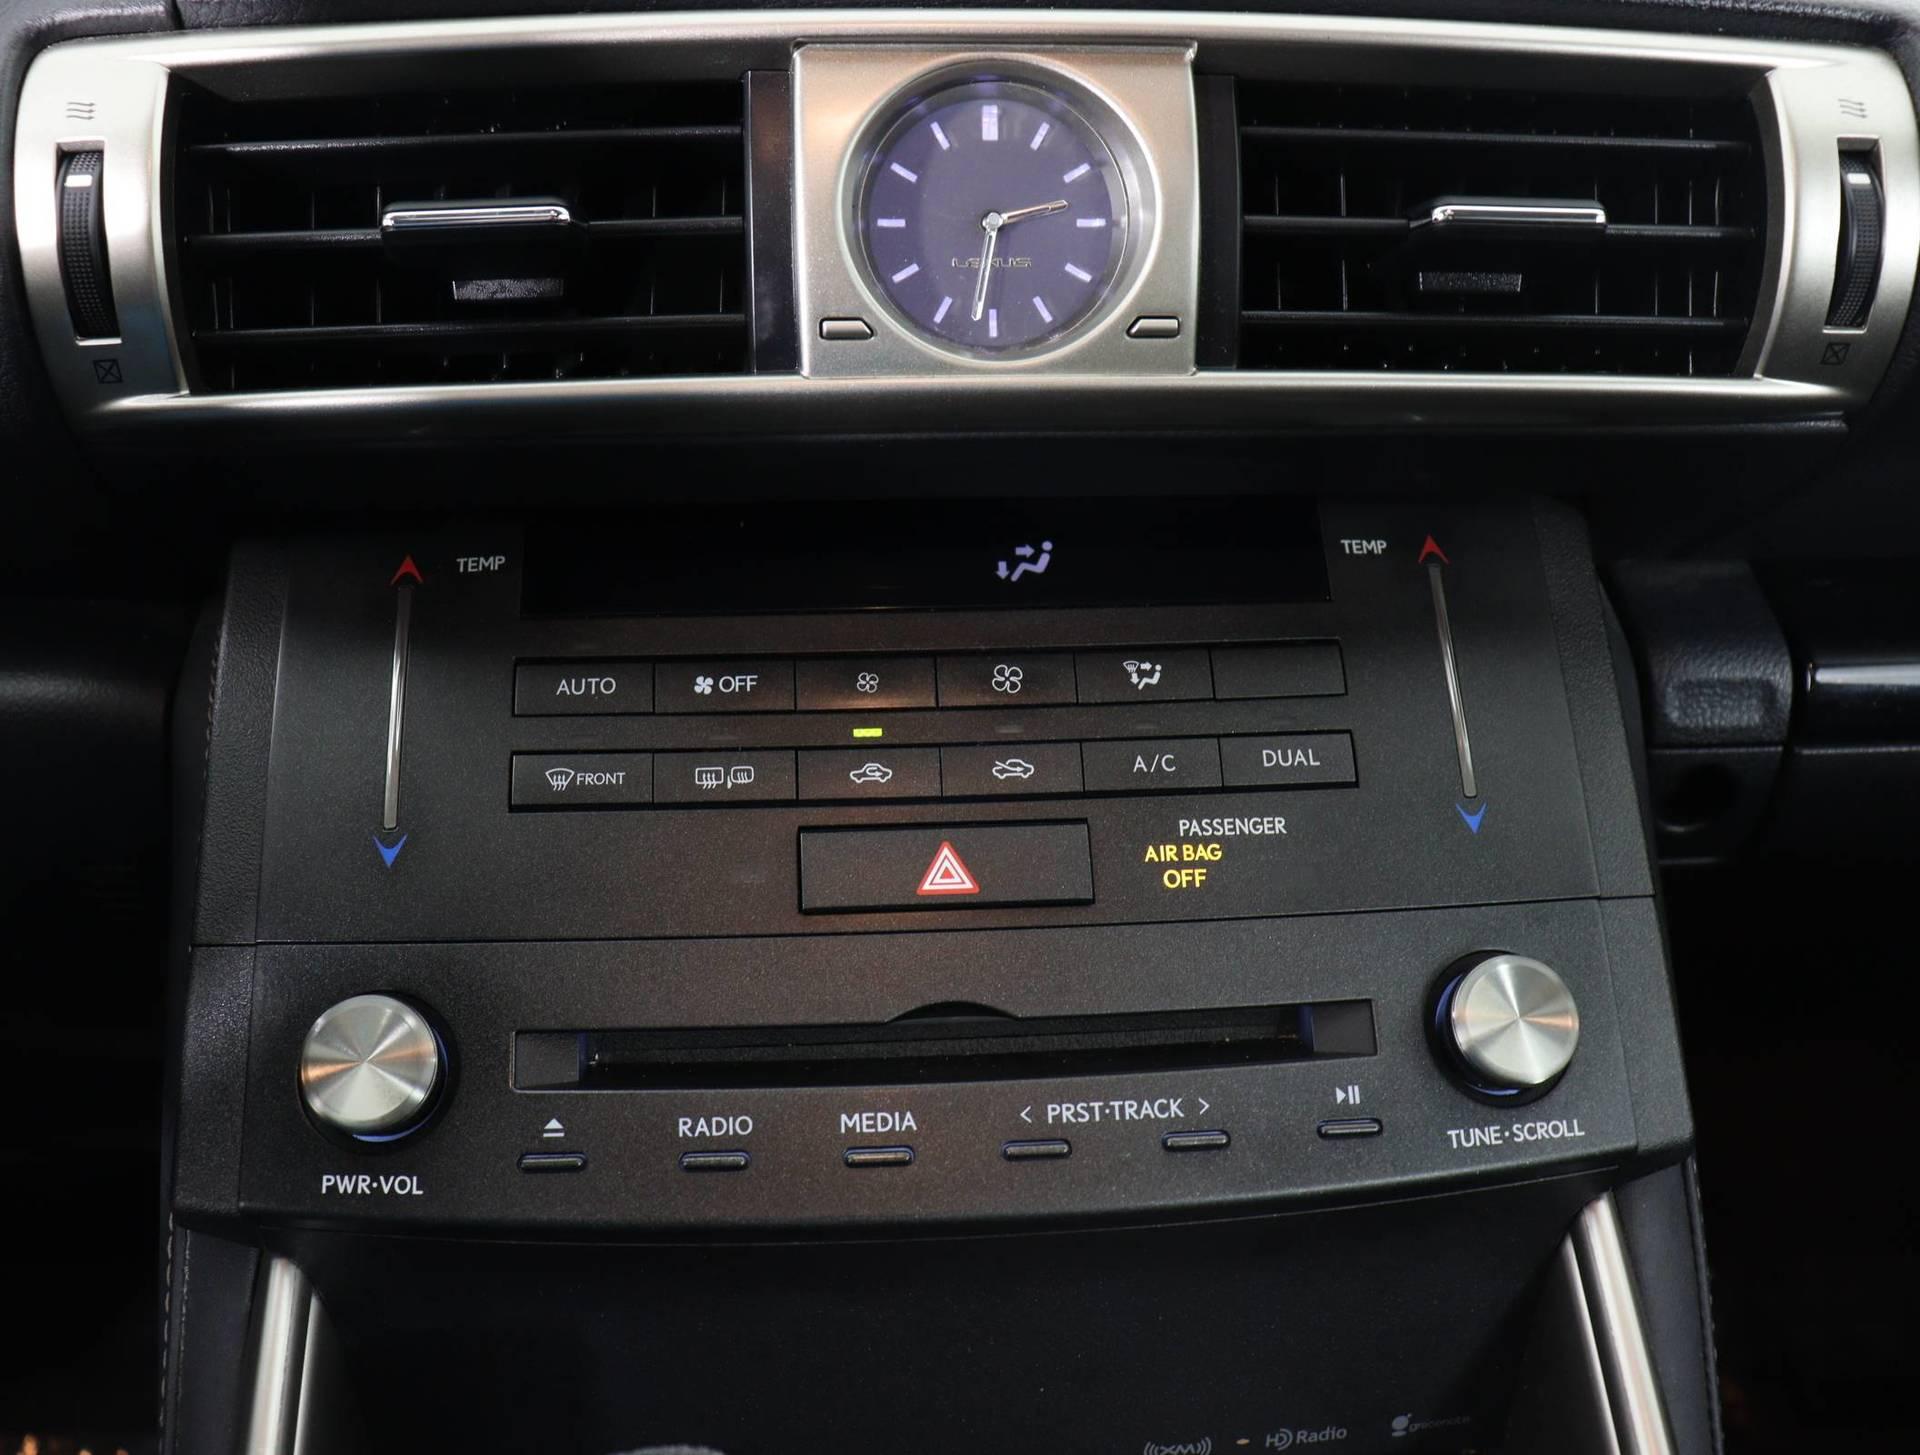 used vehicle - Sedan LEXUS IS 250 2015